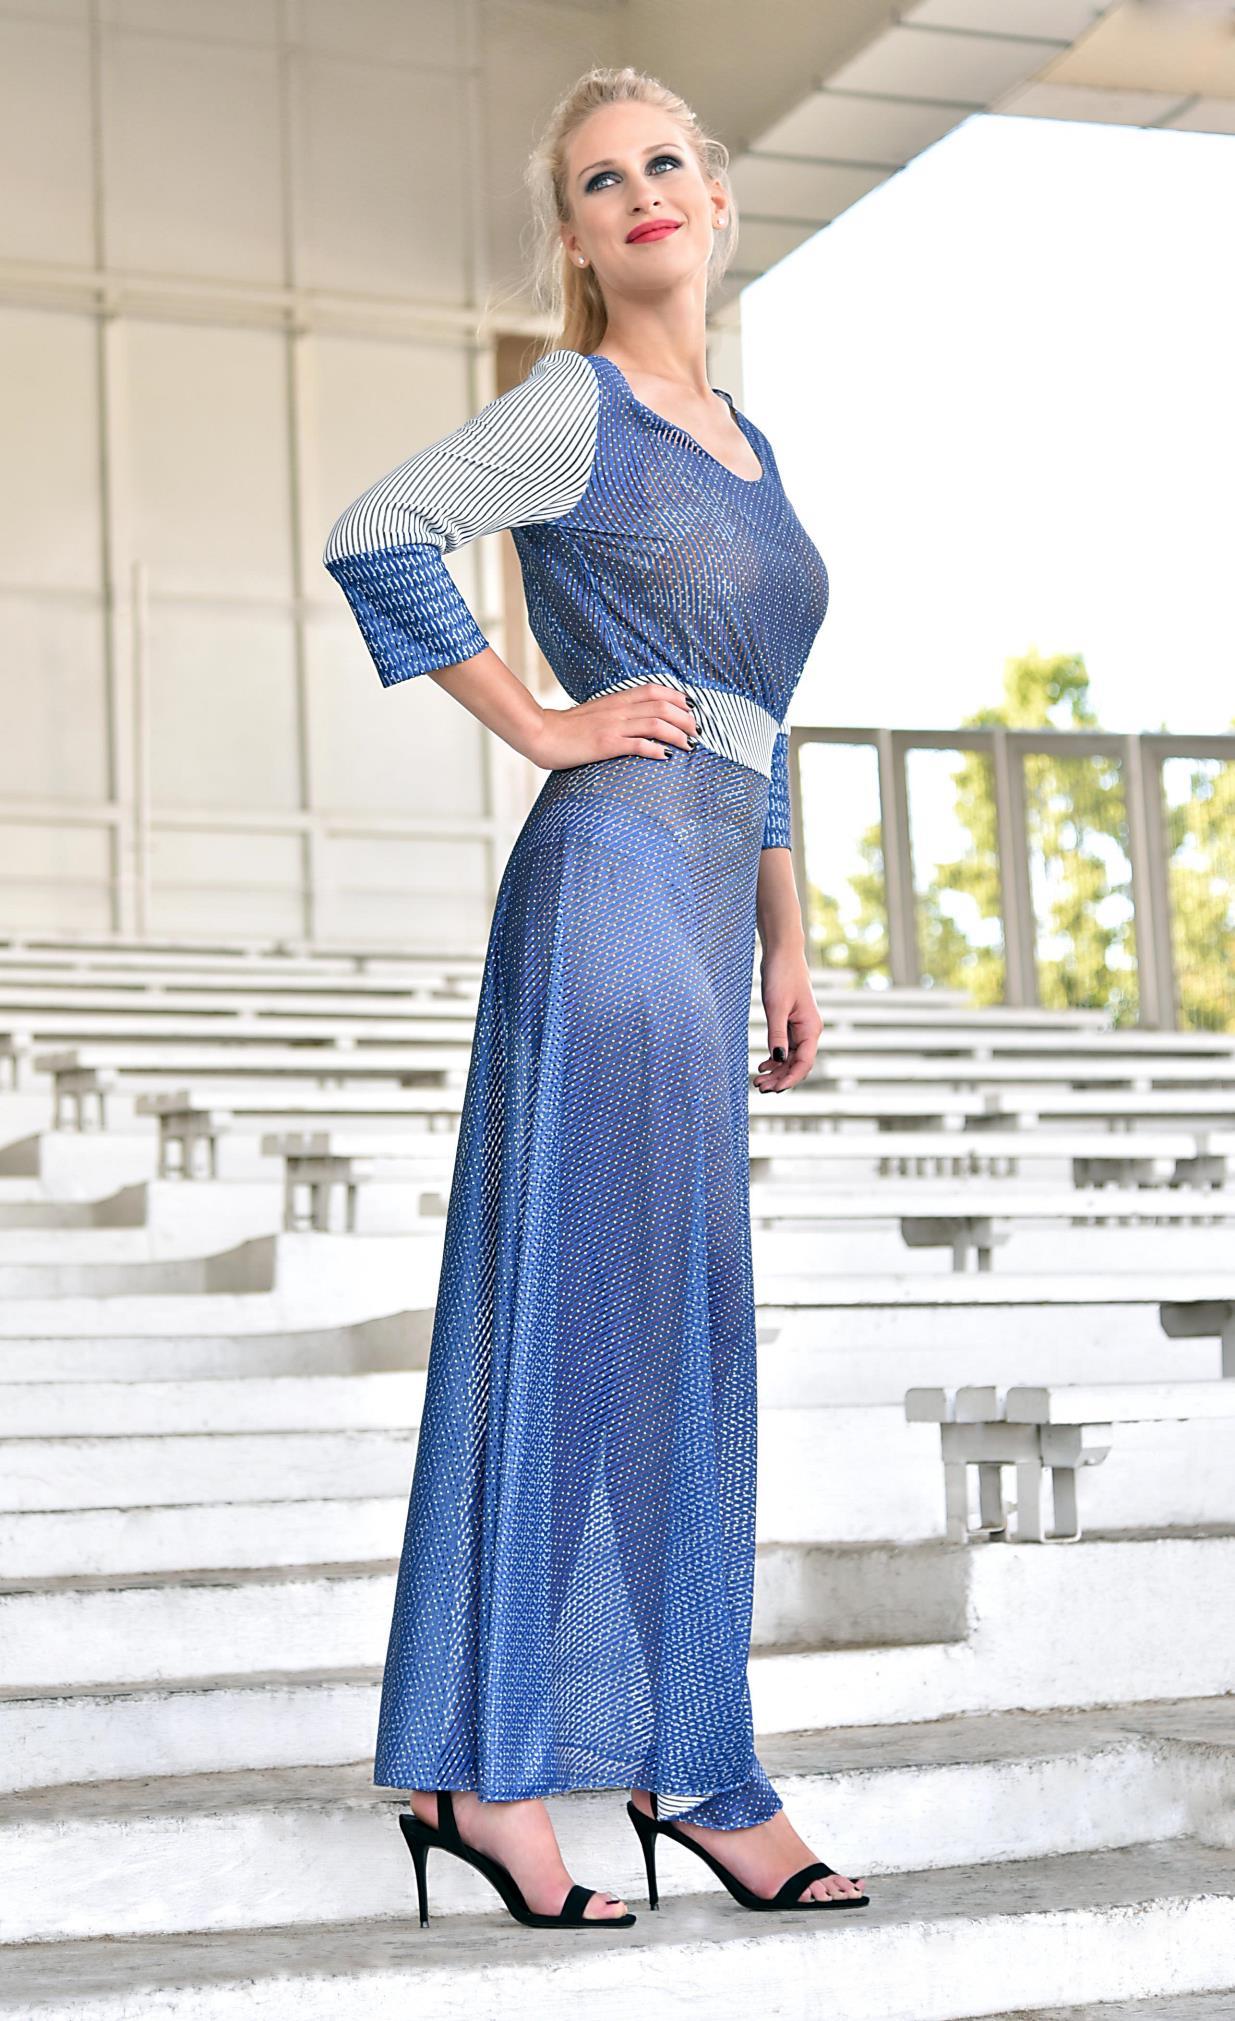 Fotografie pro model – Modré dlouhé šaty sbílým proužkem